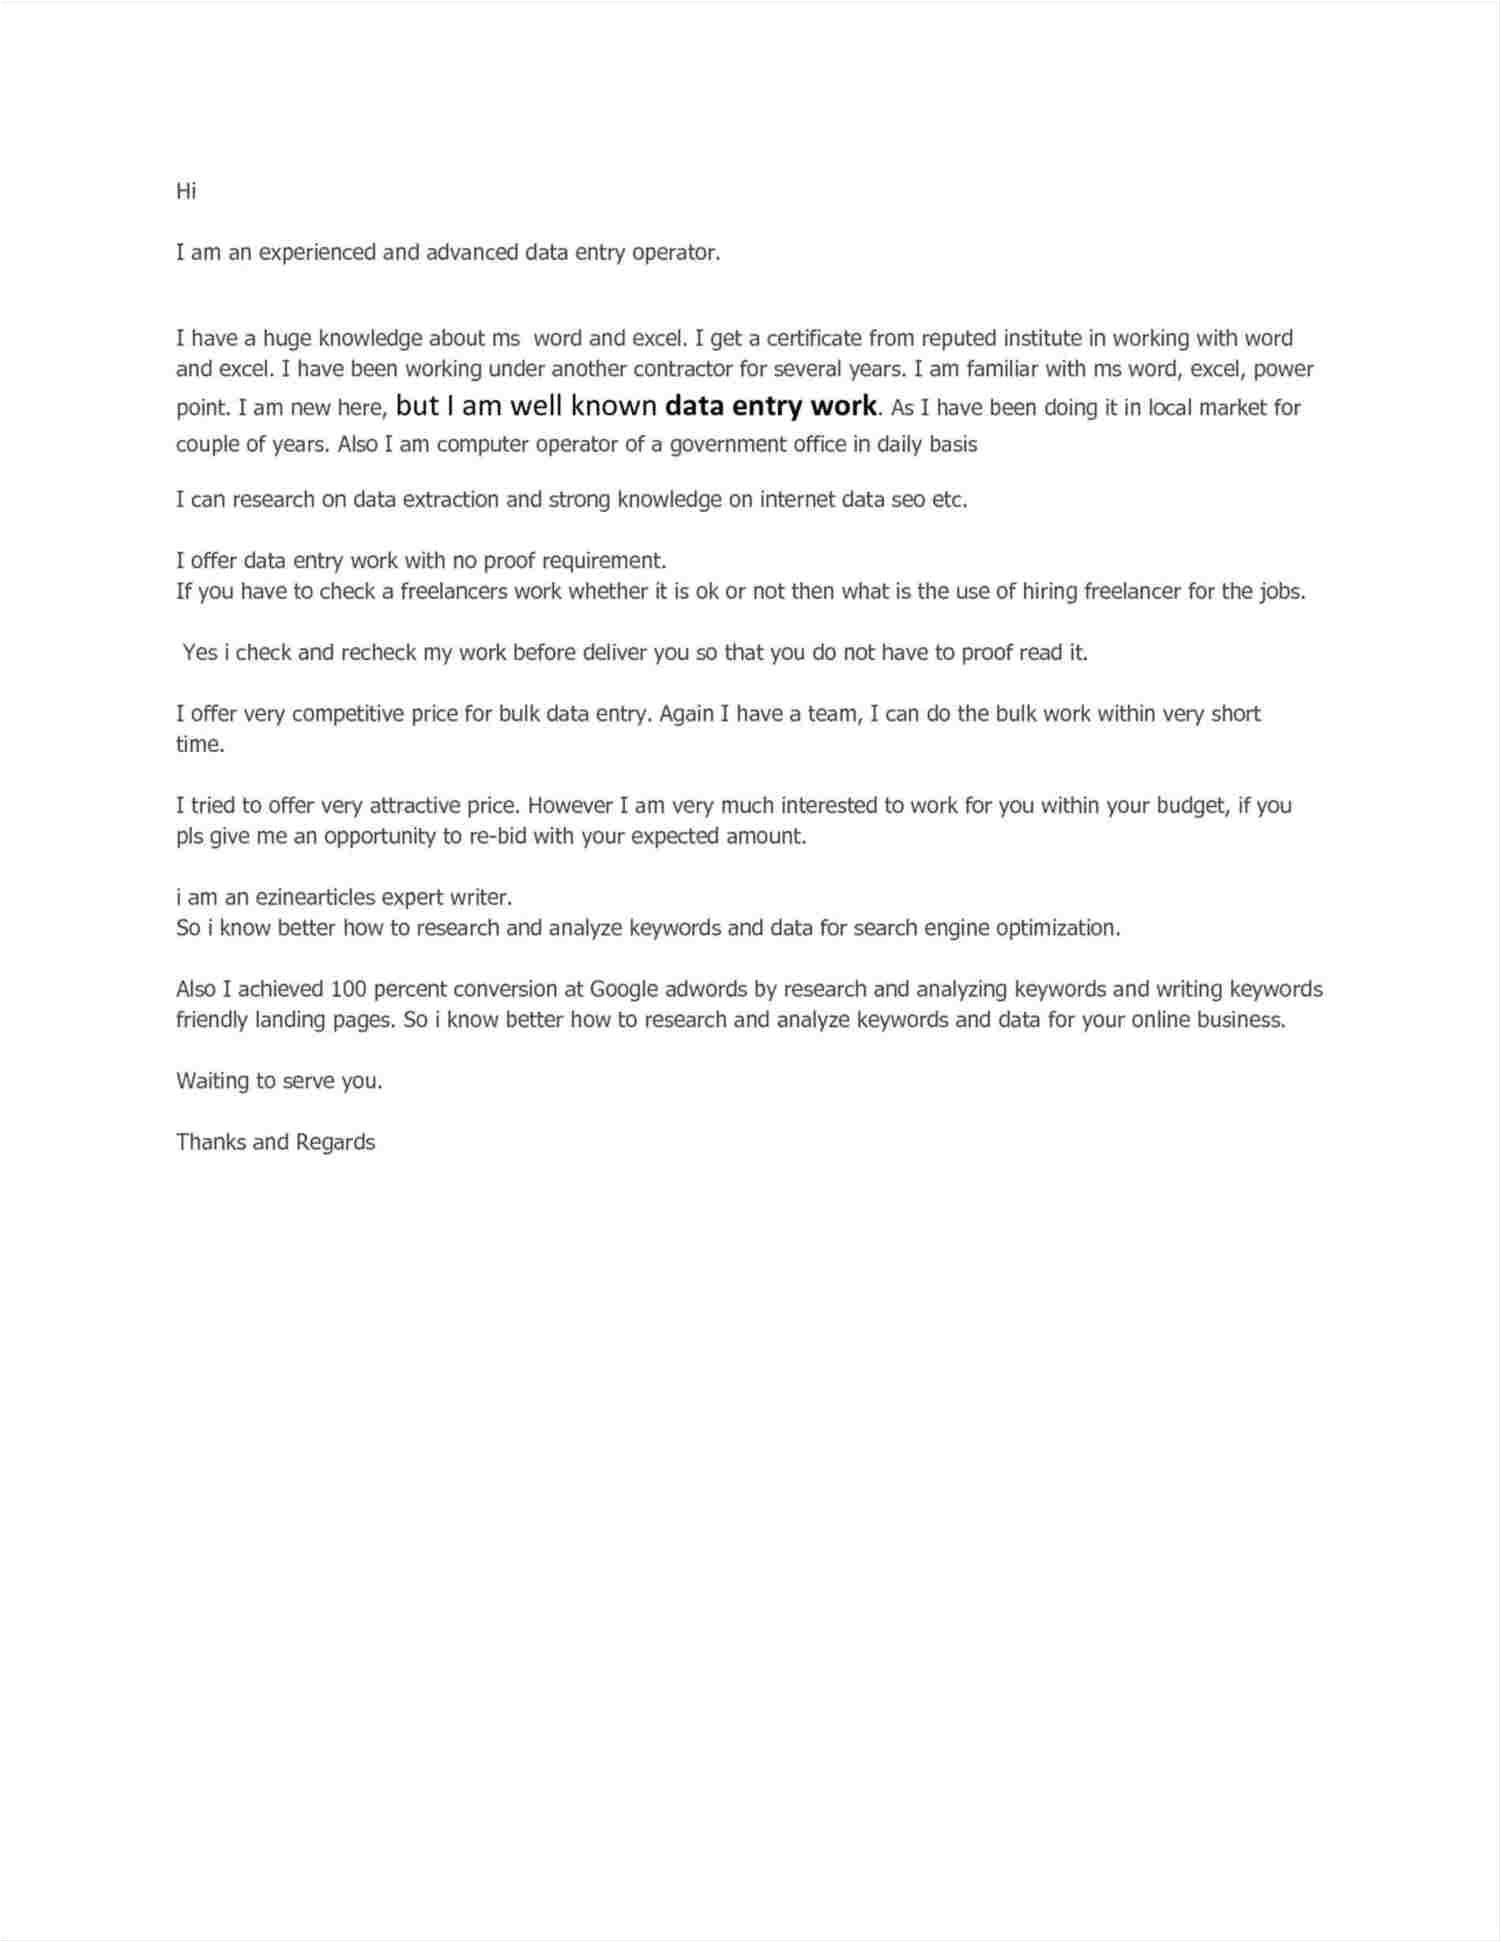 cover letter for data entry job